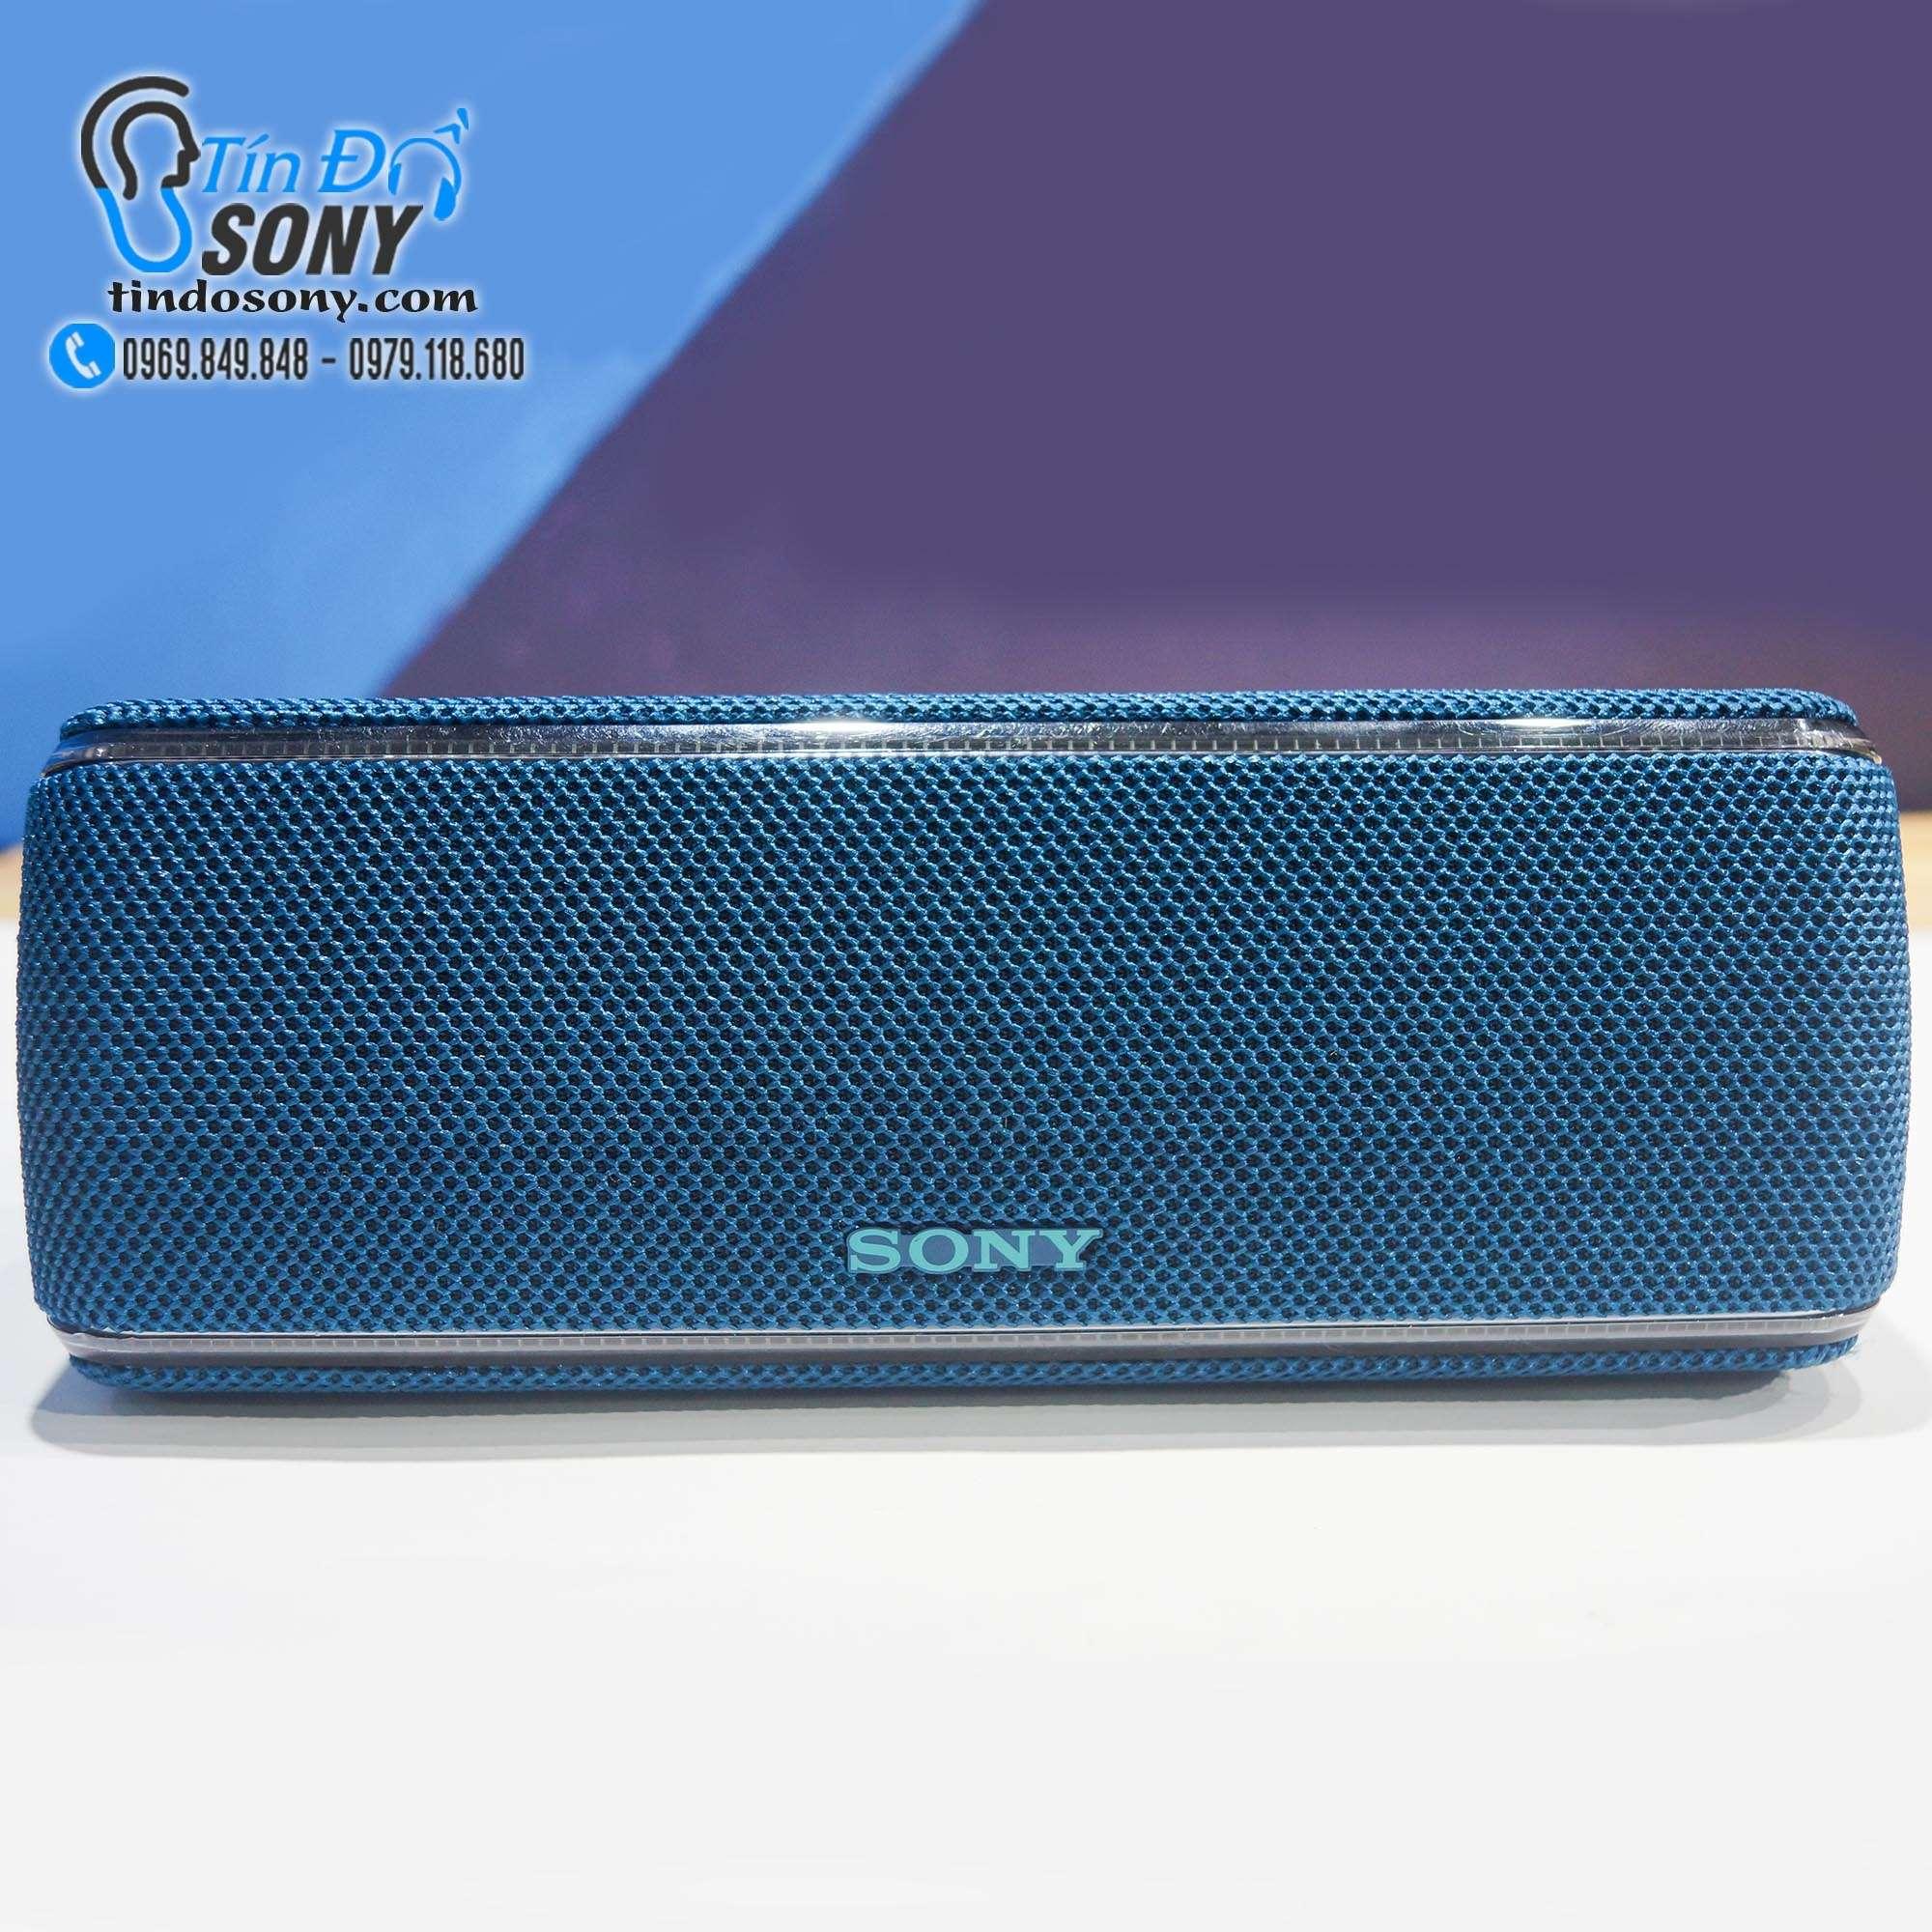 Loa Sony SRS-XB31  (Like New Ko Box)